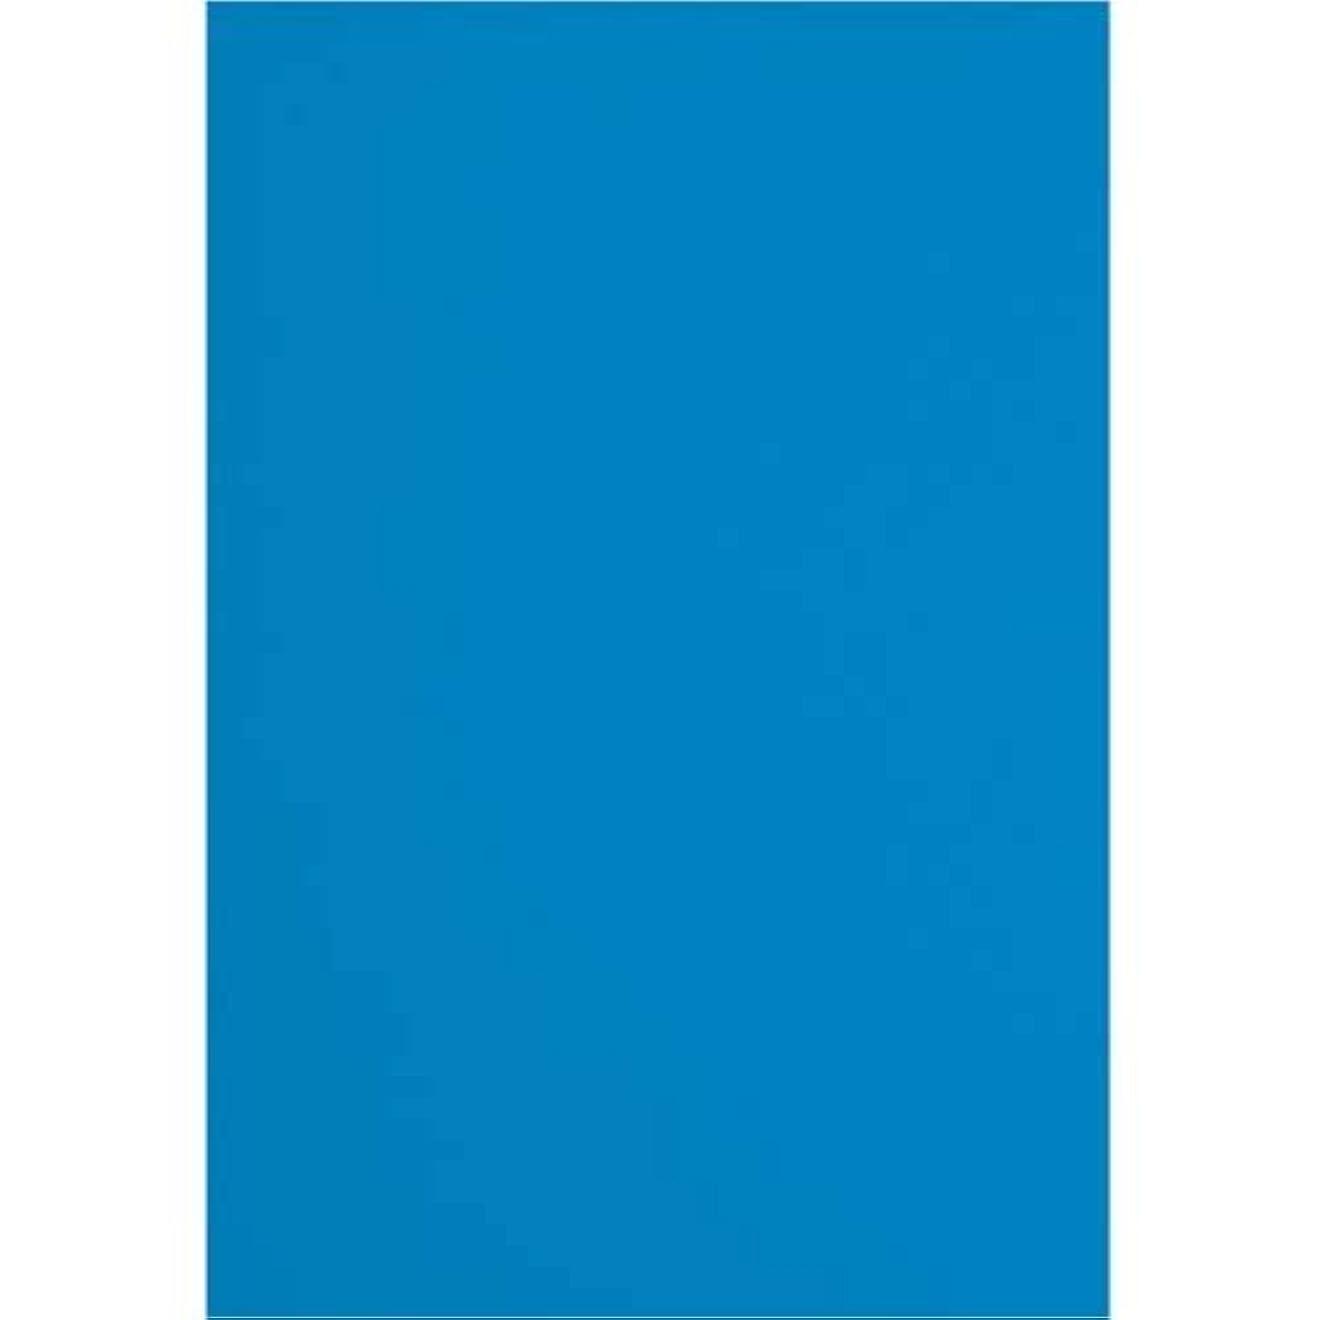 小麦初期のニンニクカウネット 色画用紙 八つ切 100枚 青